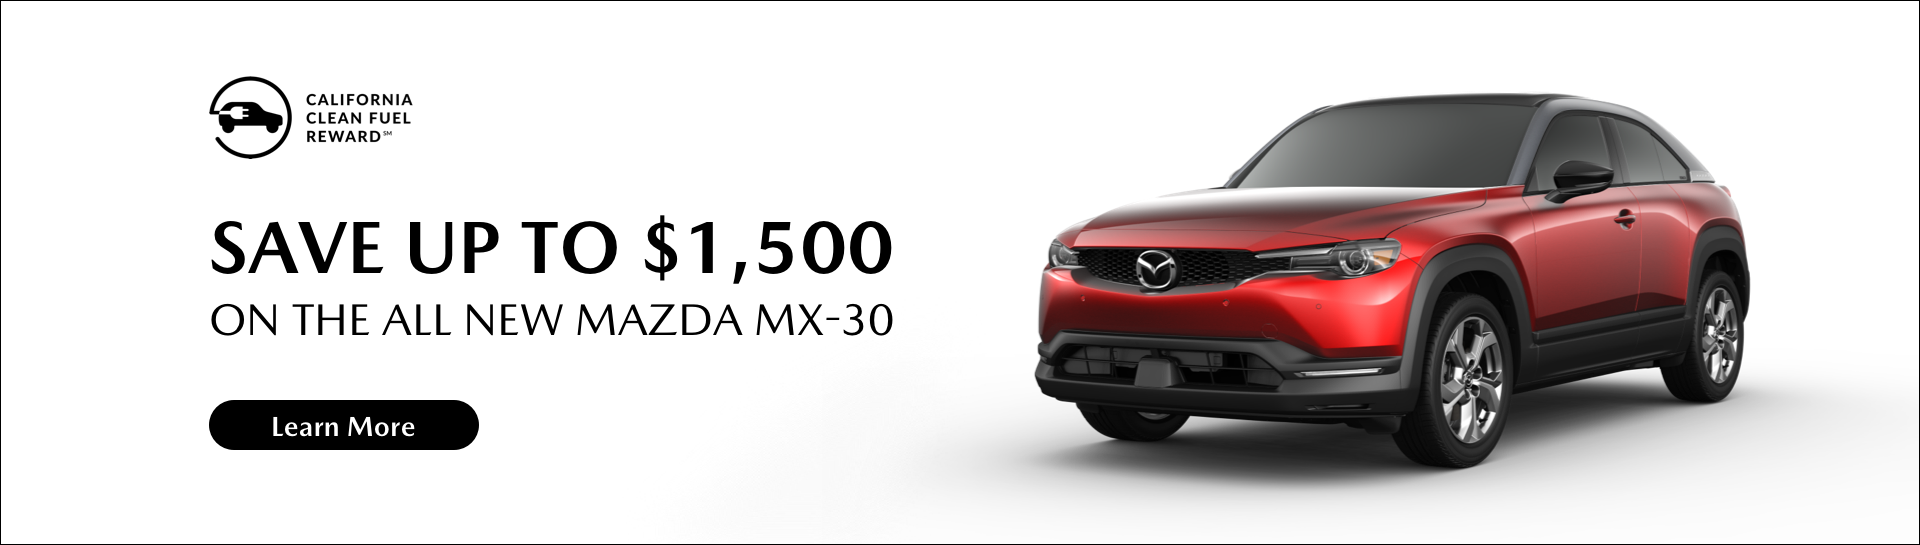 Mazda CCFR Desktop